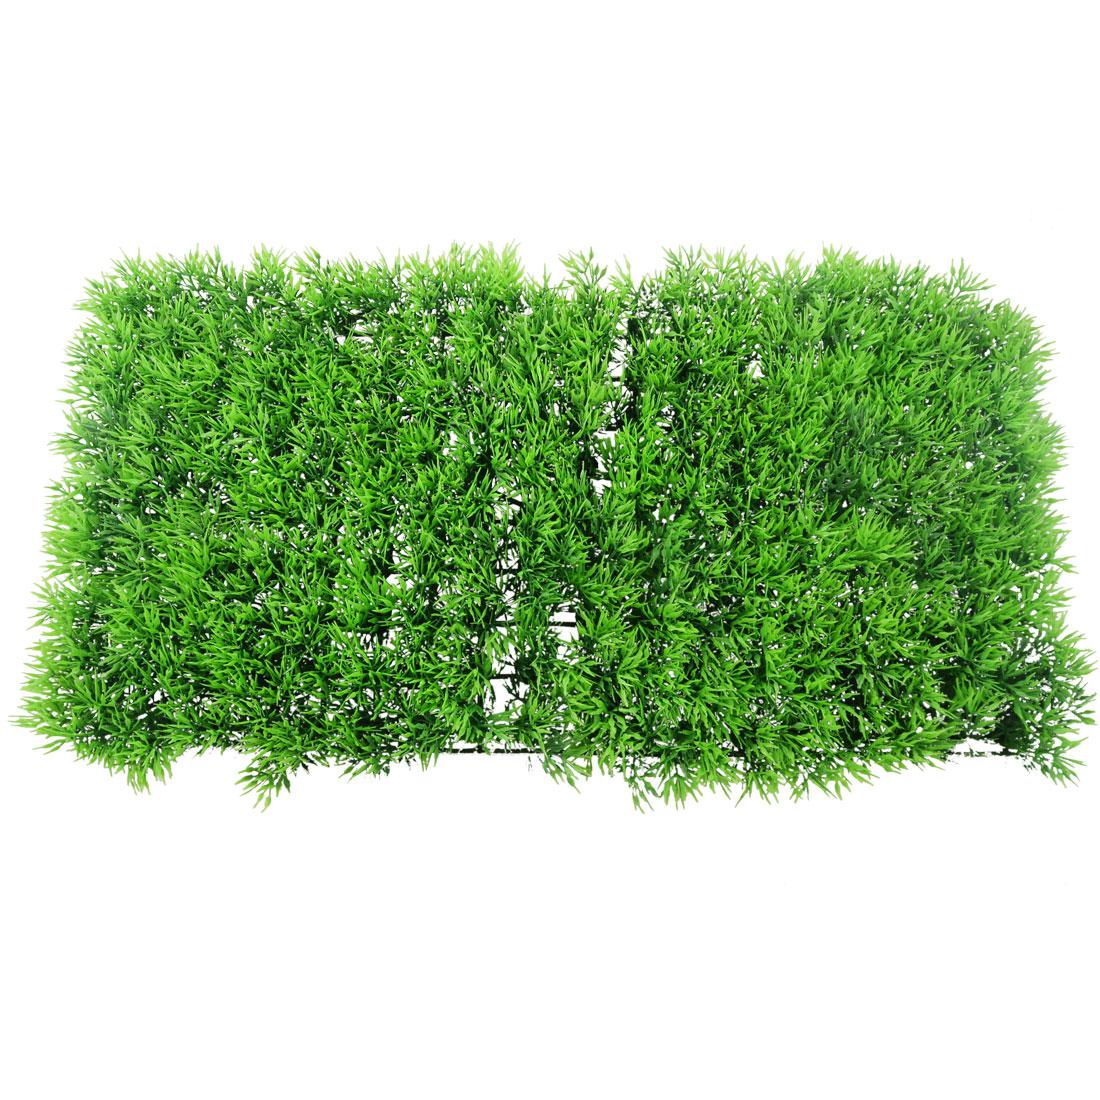 Aquarium Plastic Artificial Water Aquatic Grass Plant Lawn Turf Ornament Green